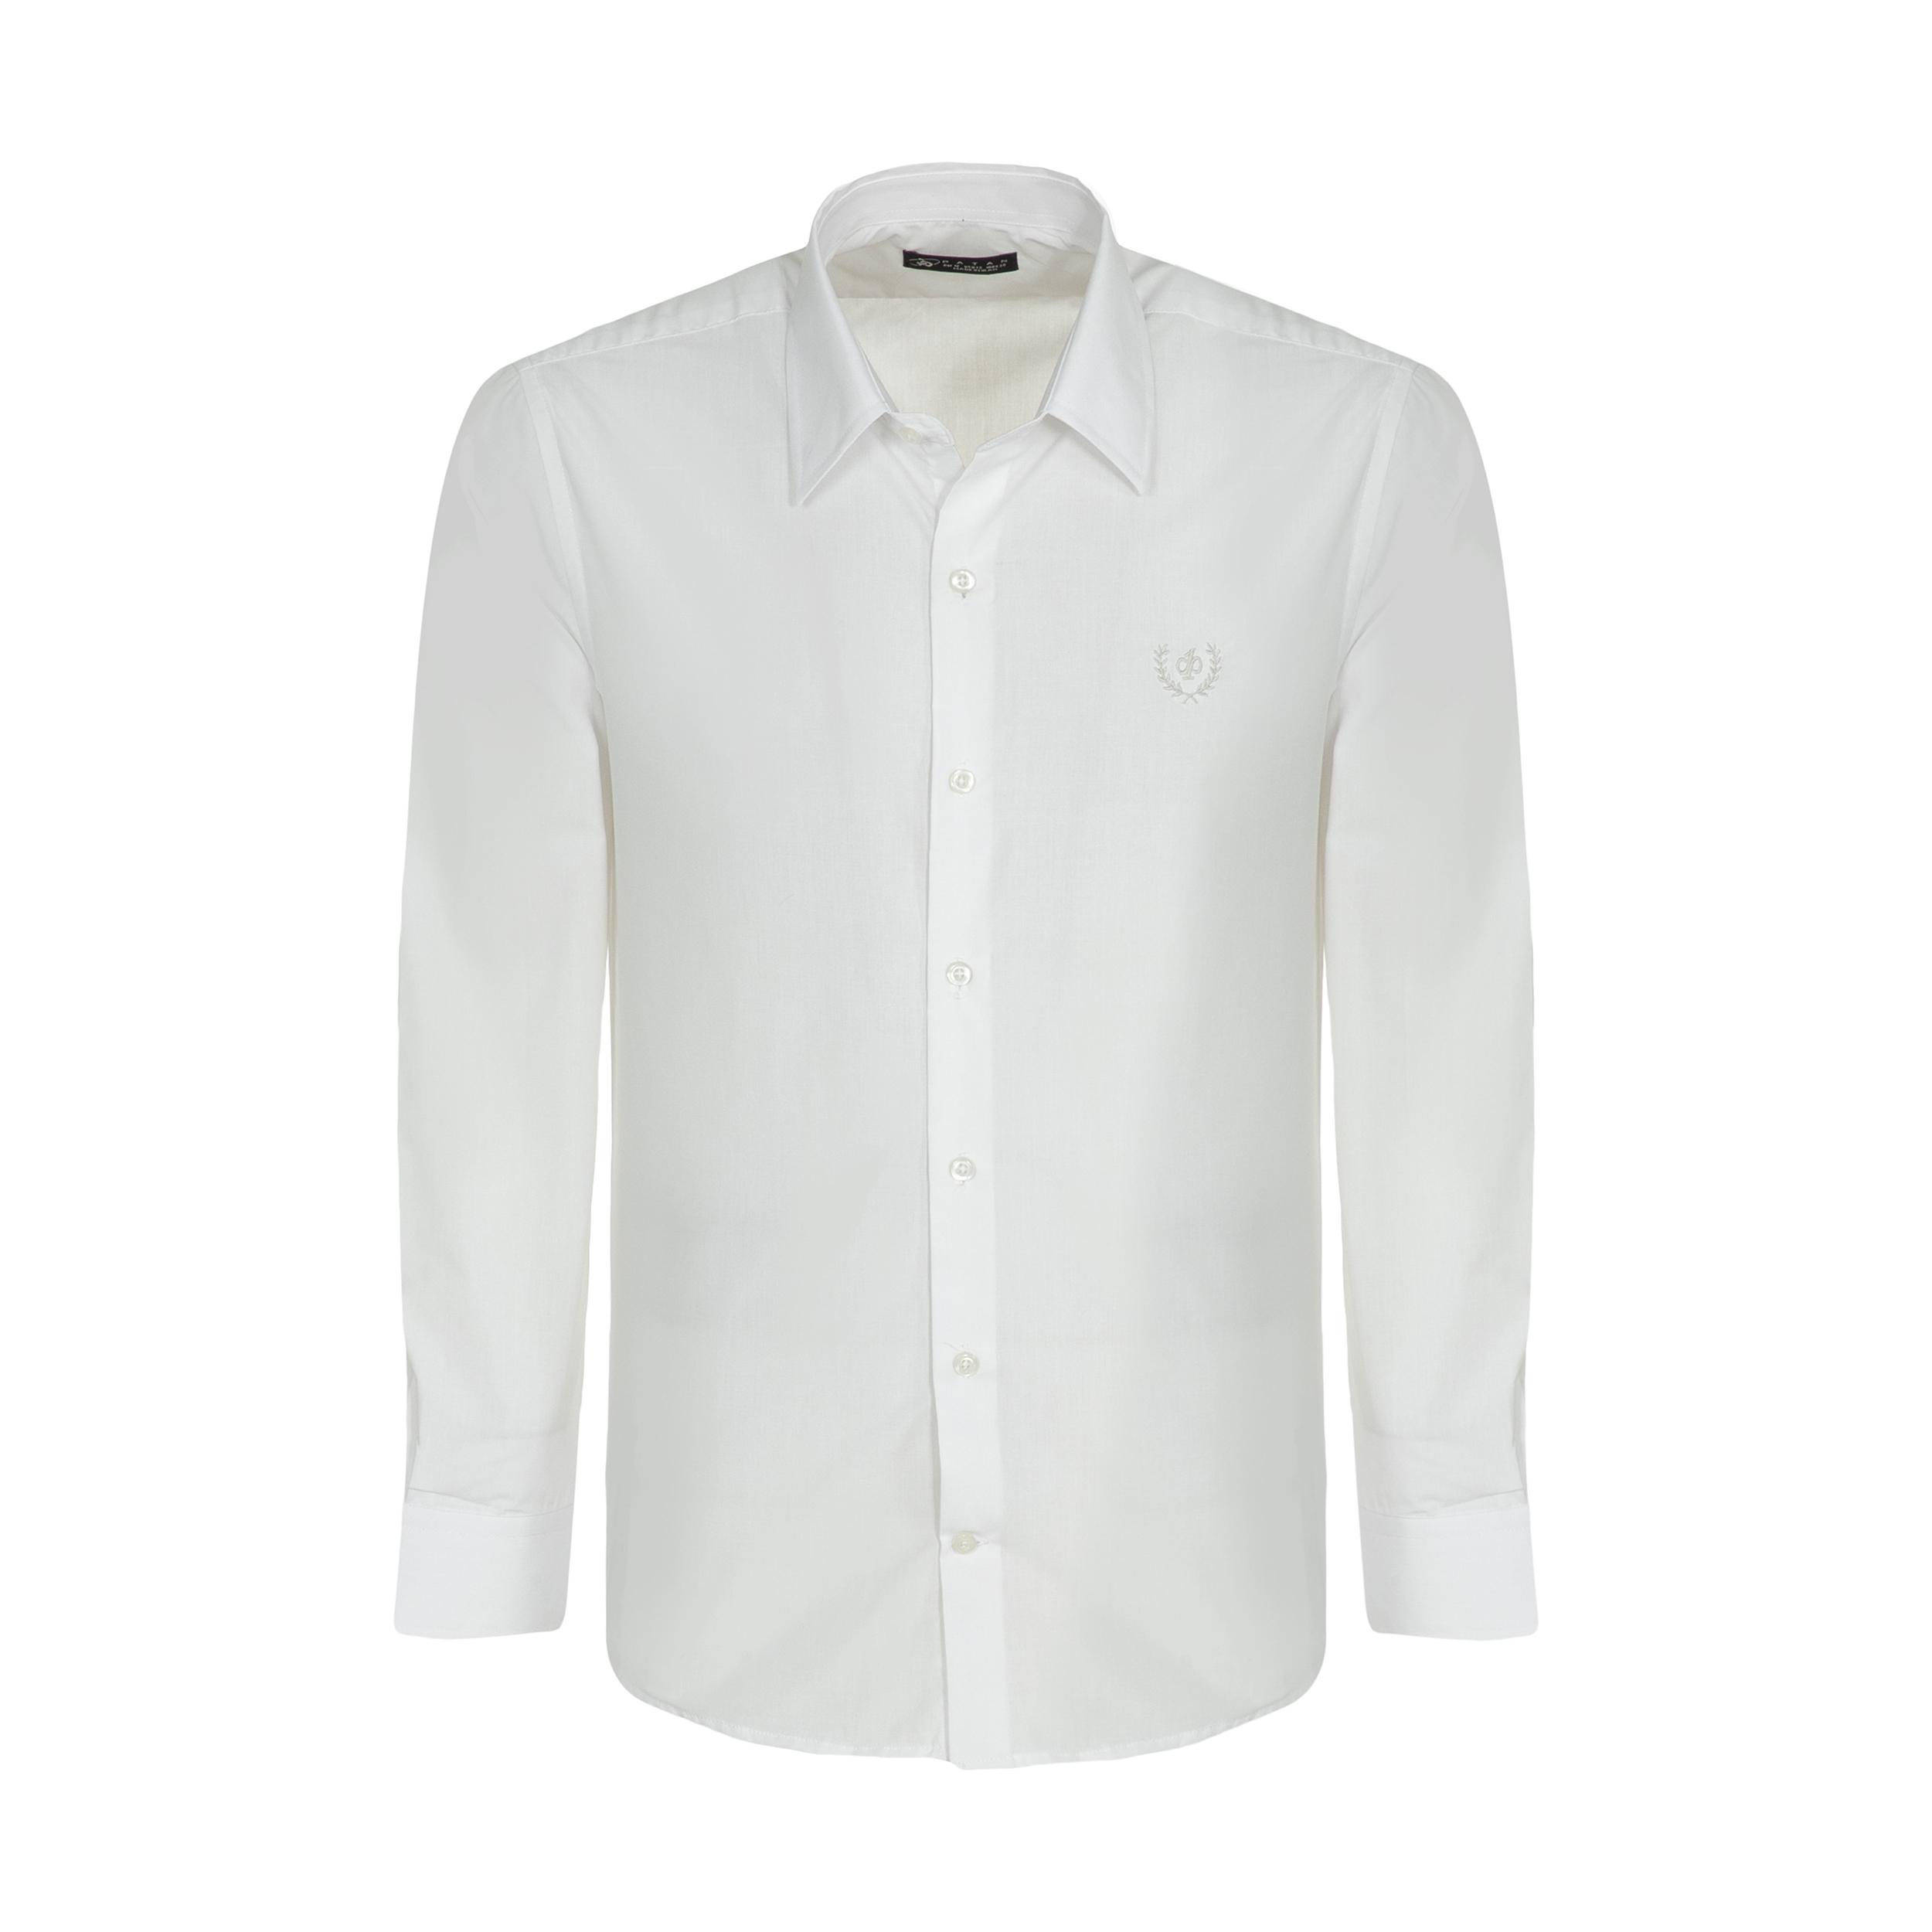 پیراهن آستین بلند مردانه پاتن جامه مدل 102721990297004